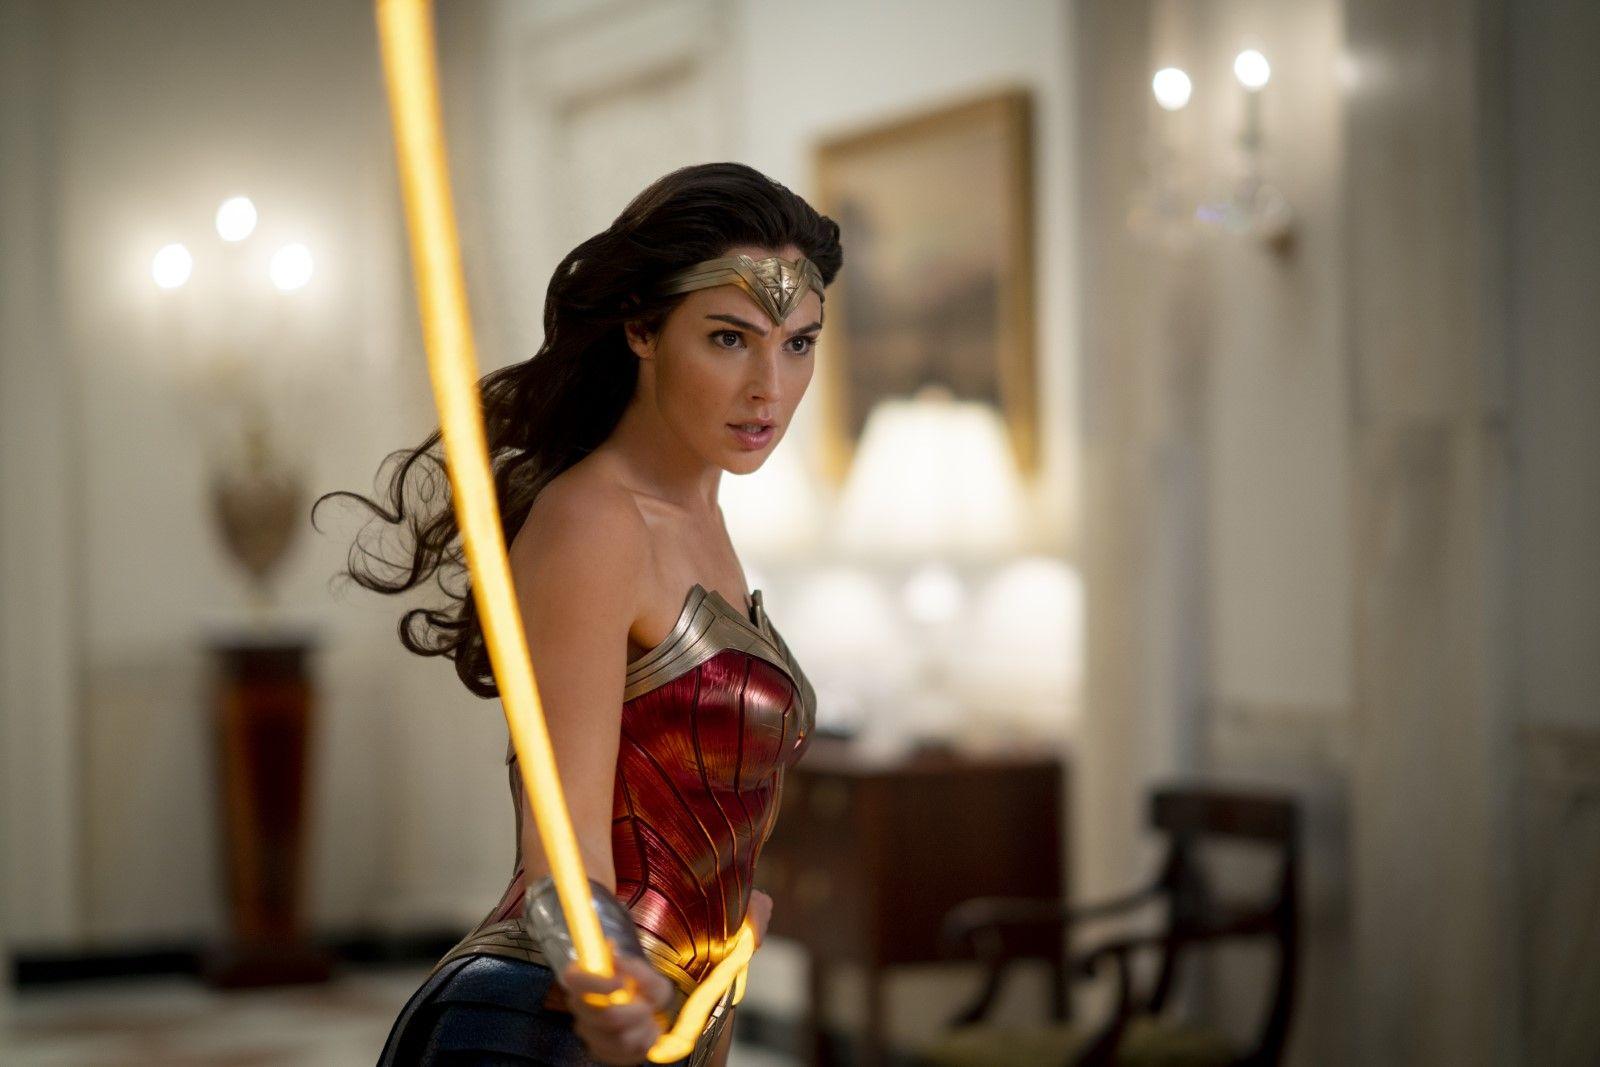 Réouverture des cinémas : quels seront les films en salle pour la reprise ?